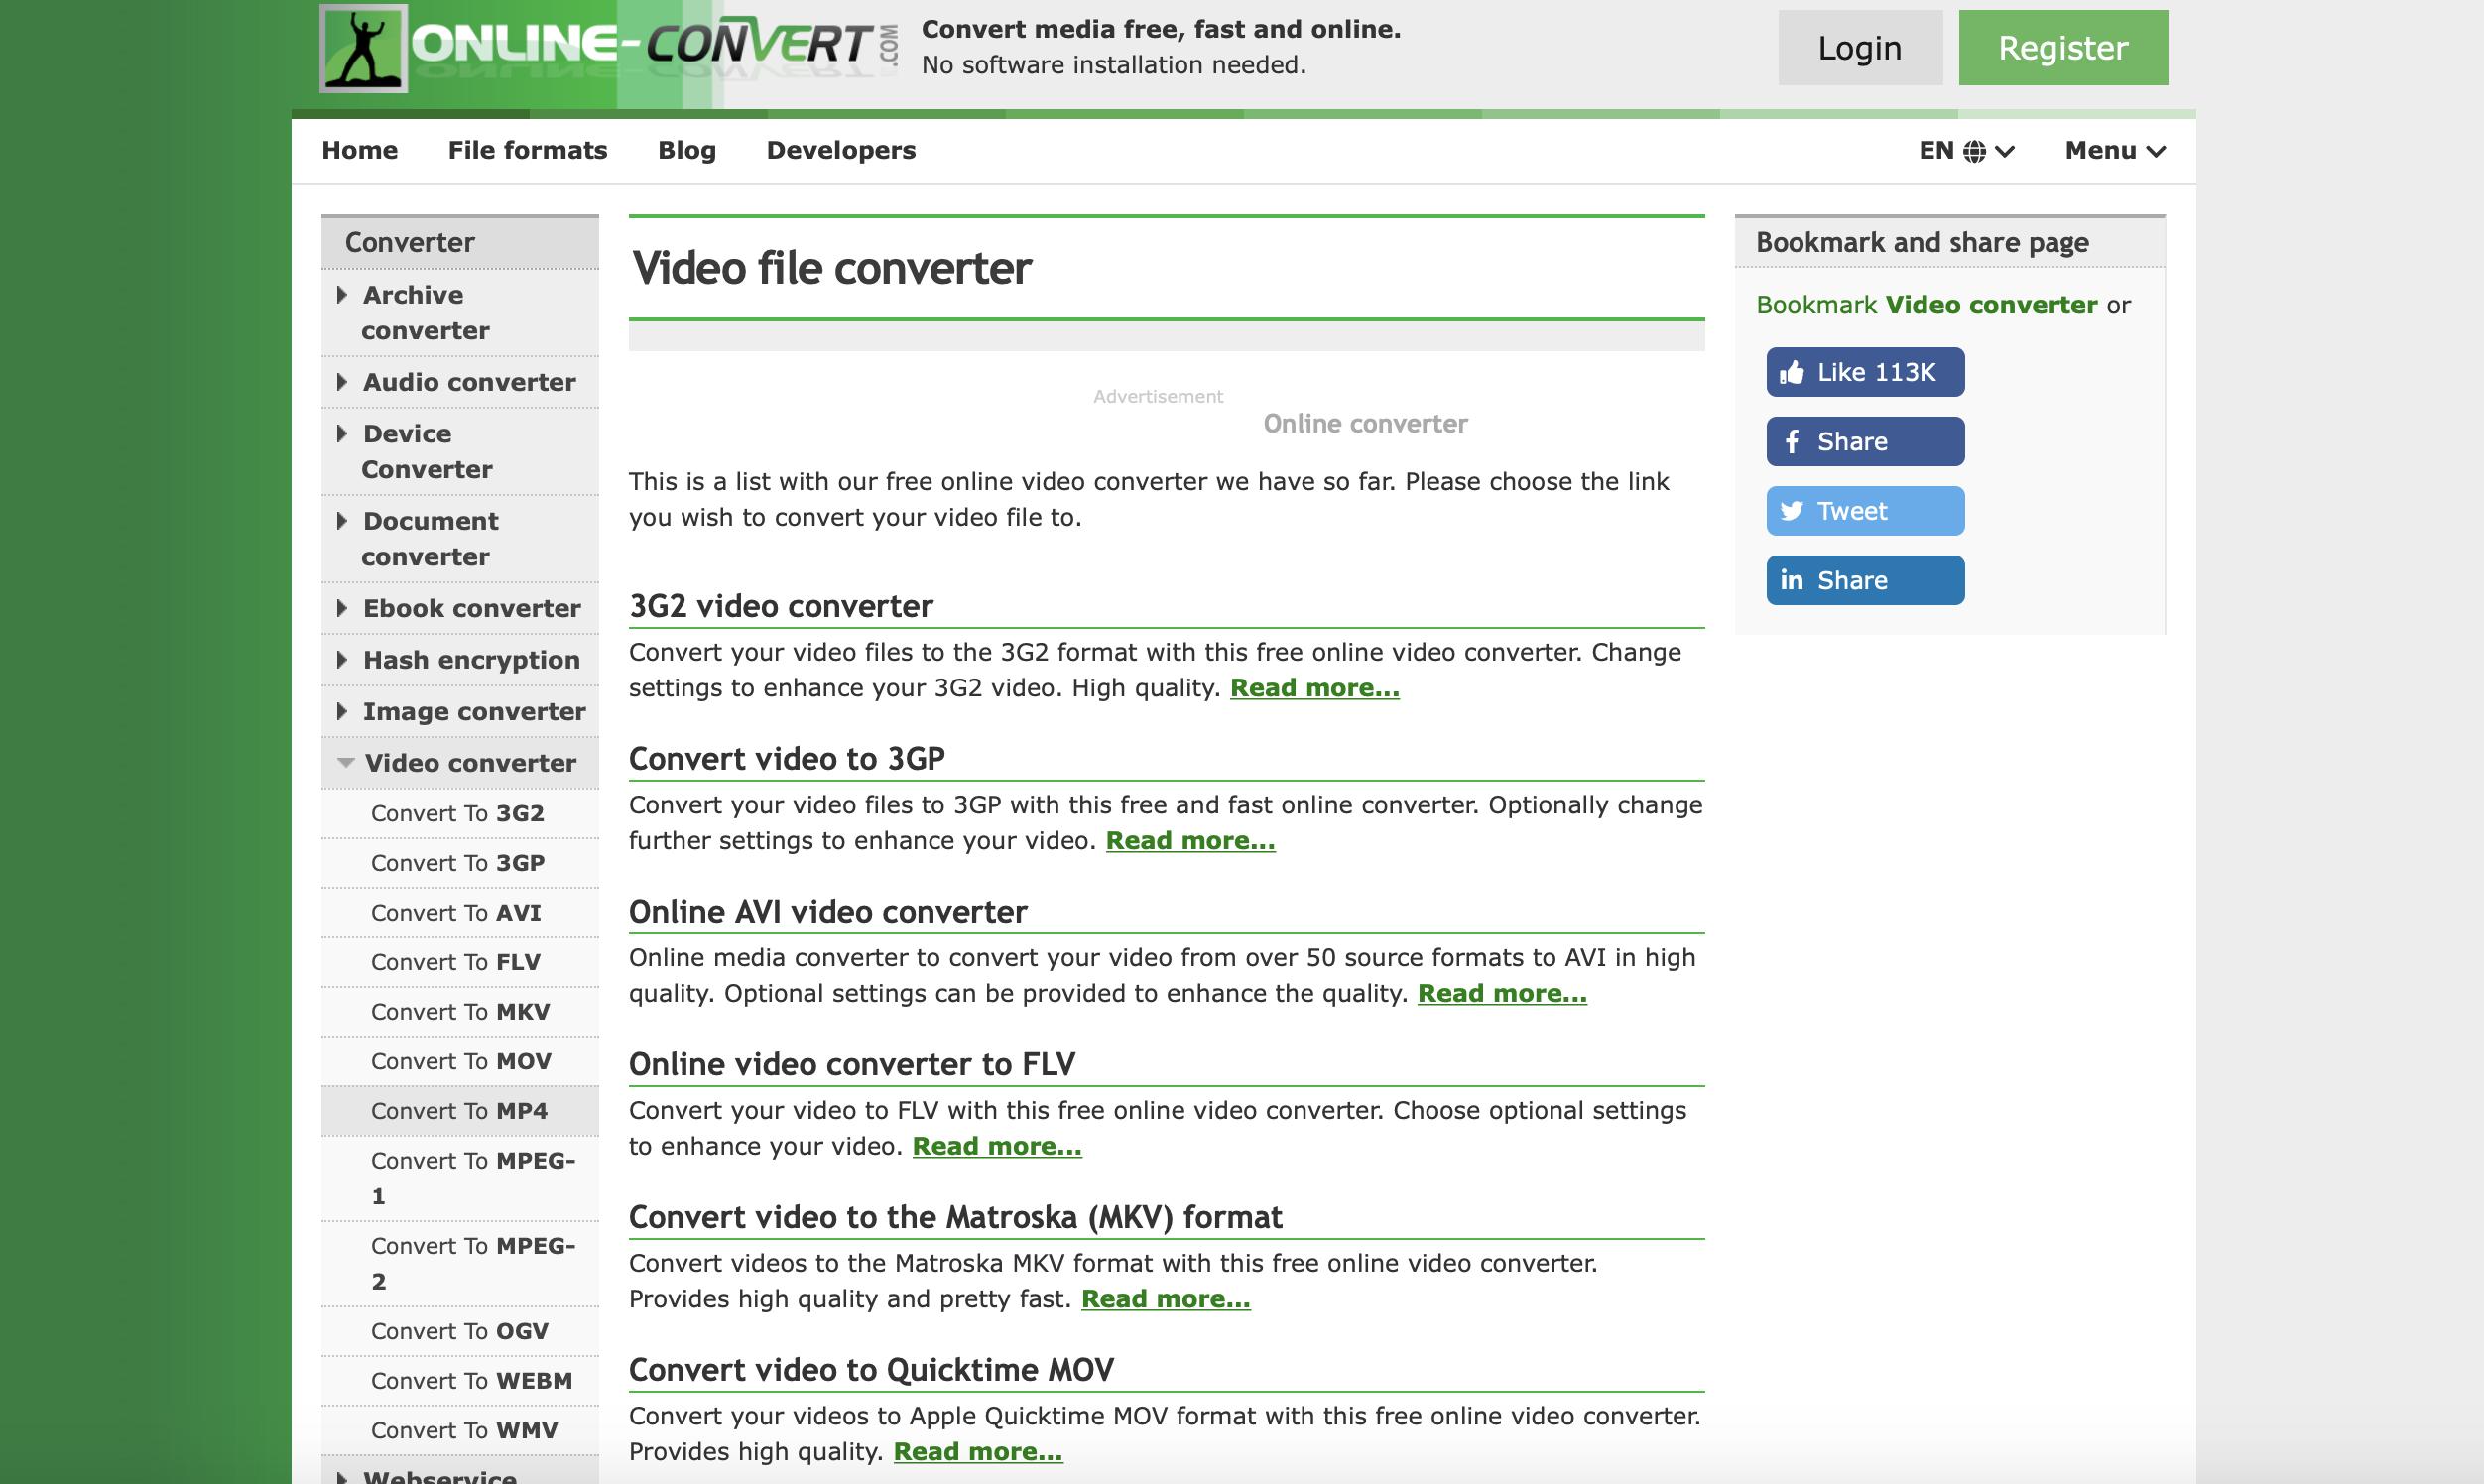 online-convert-video-converter-09